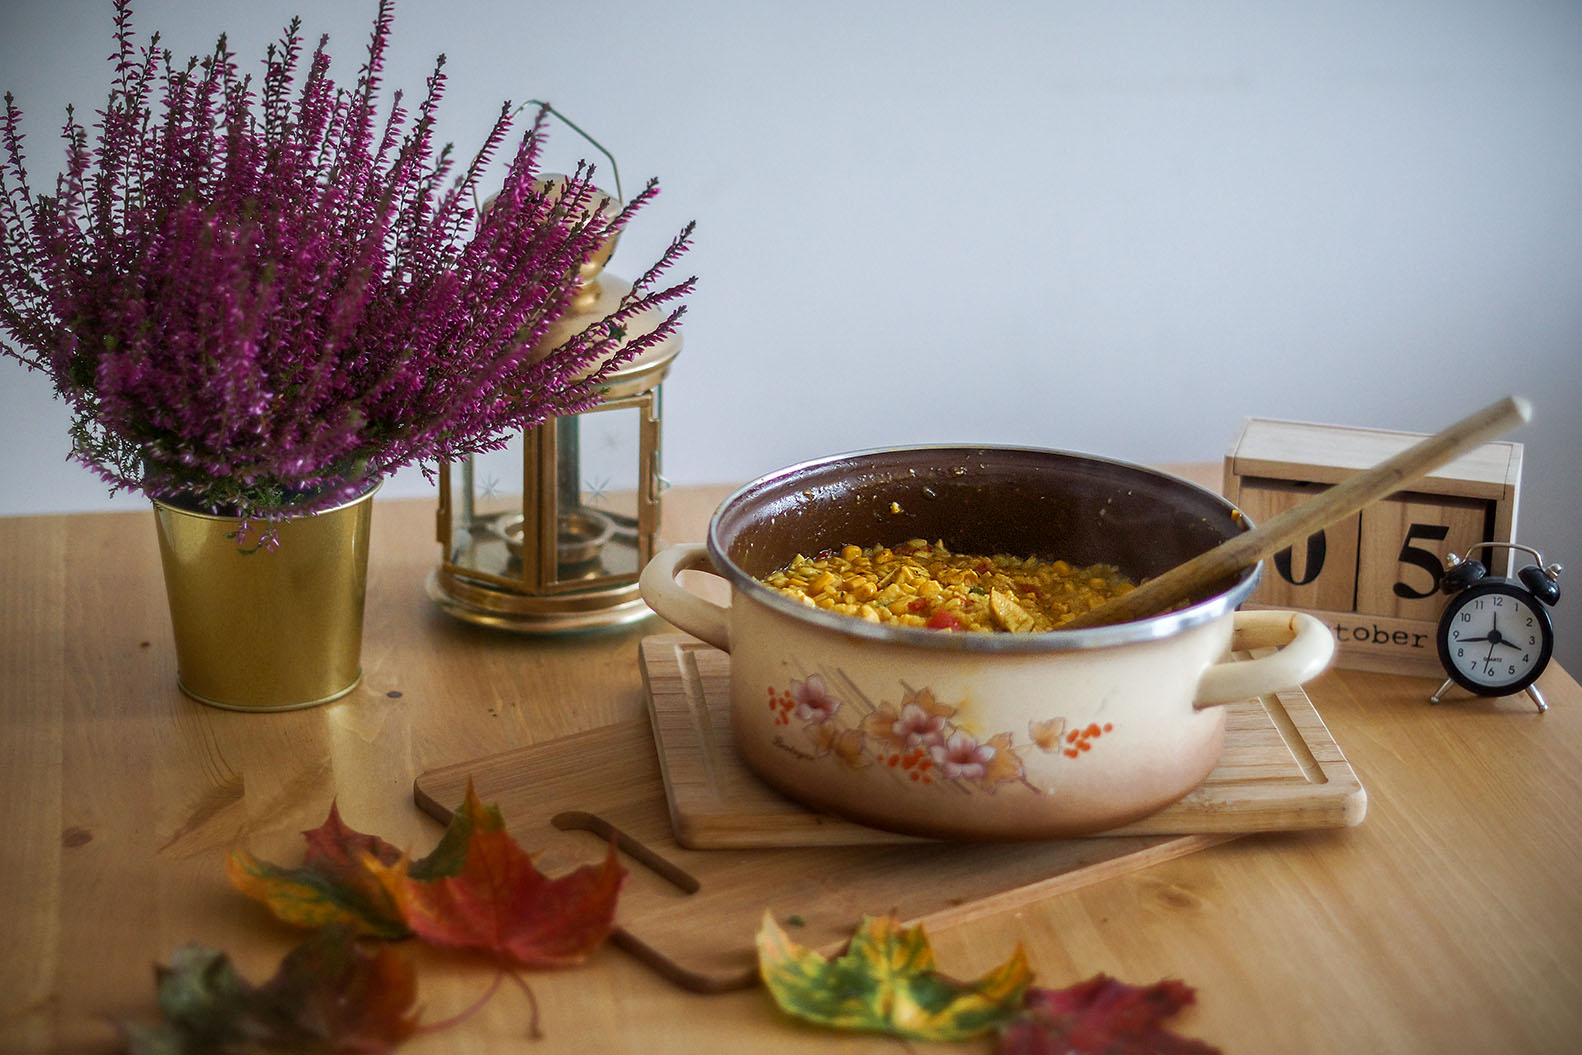 jesienne risotto z warzywami kurczakiem i parmezanek